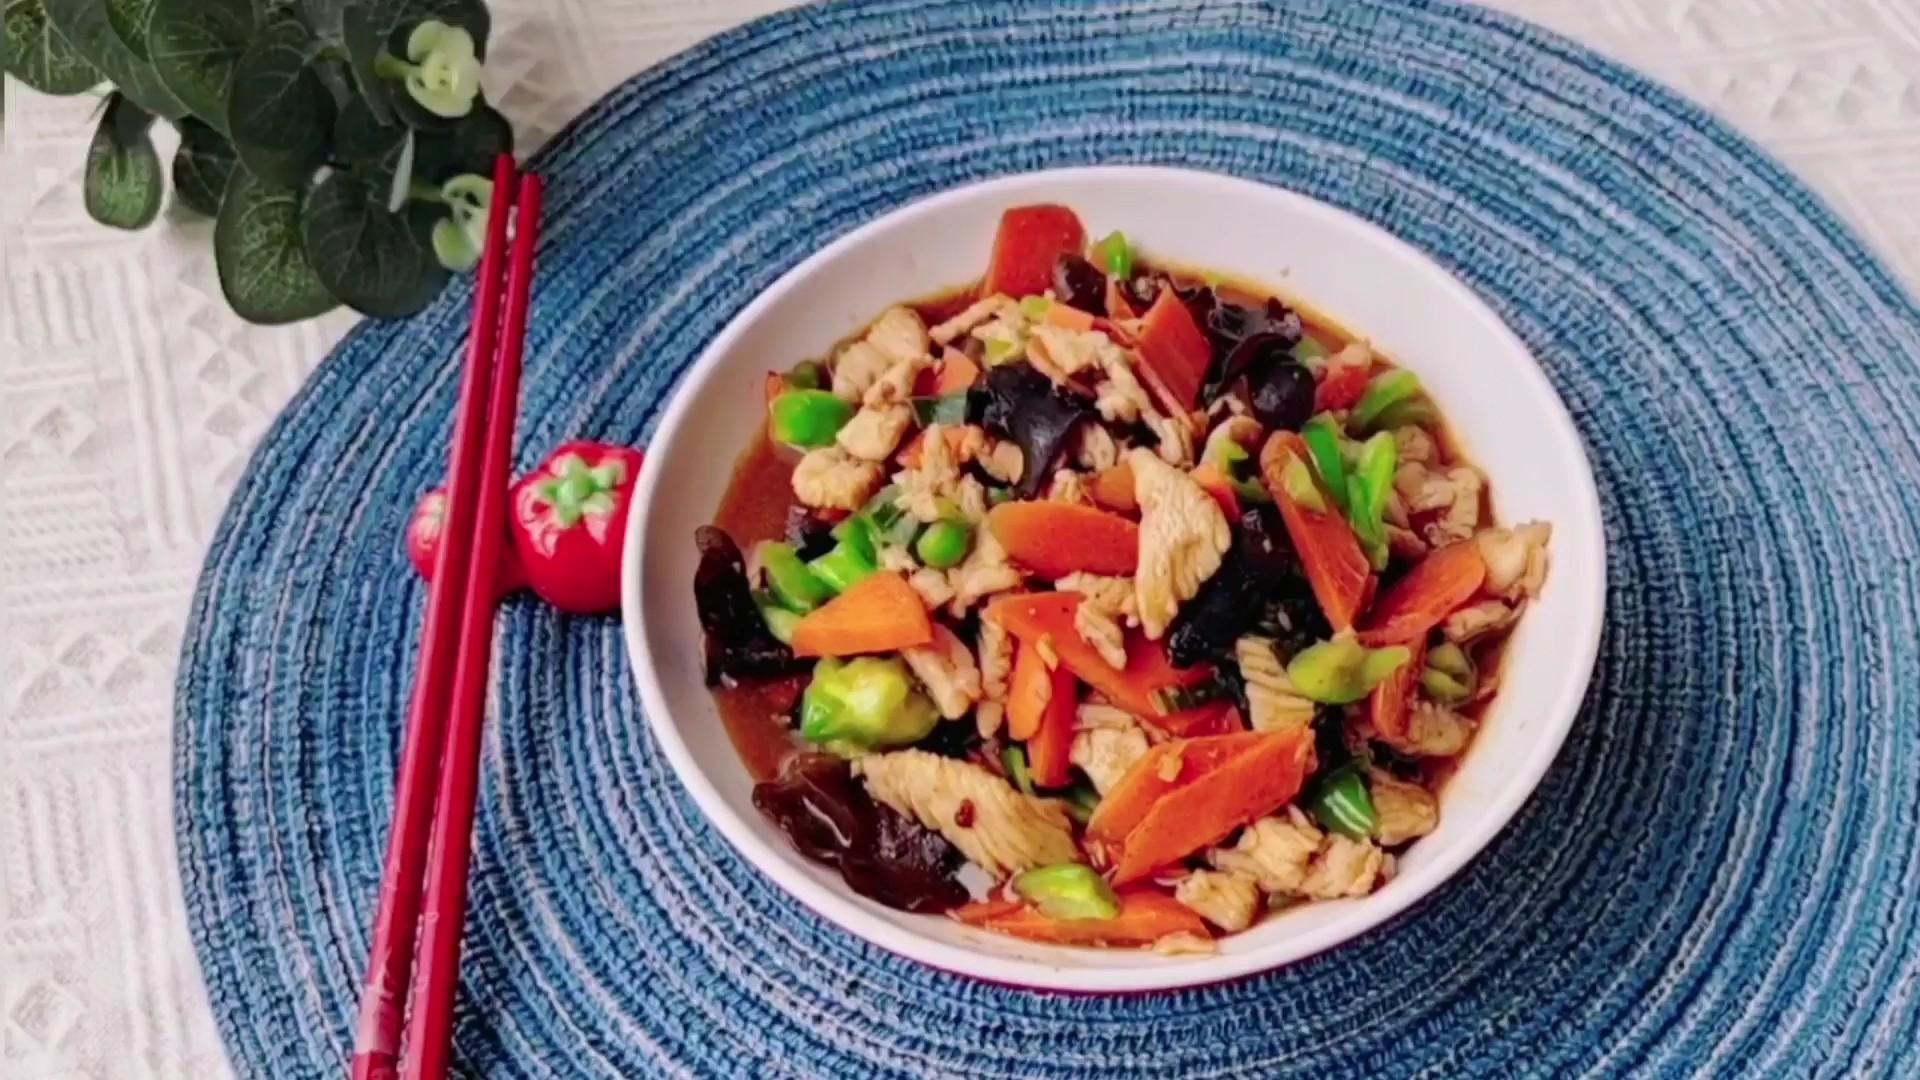 家常下饭菜,超好吃…胡萝卜炒鸡肉的做法